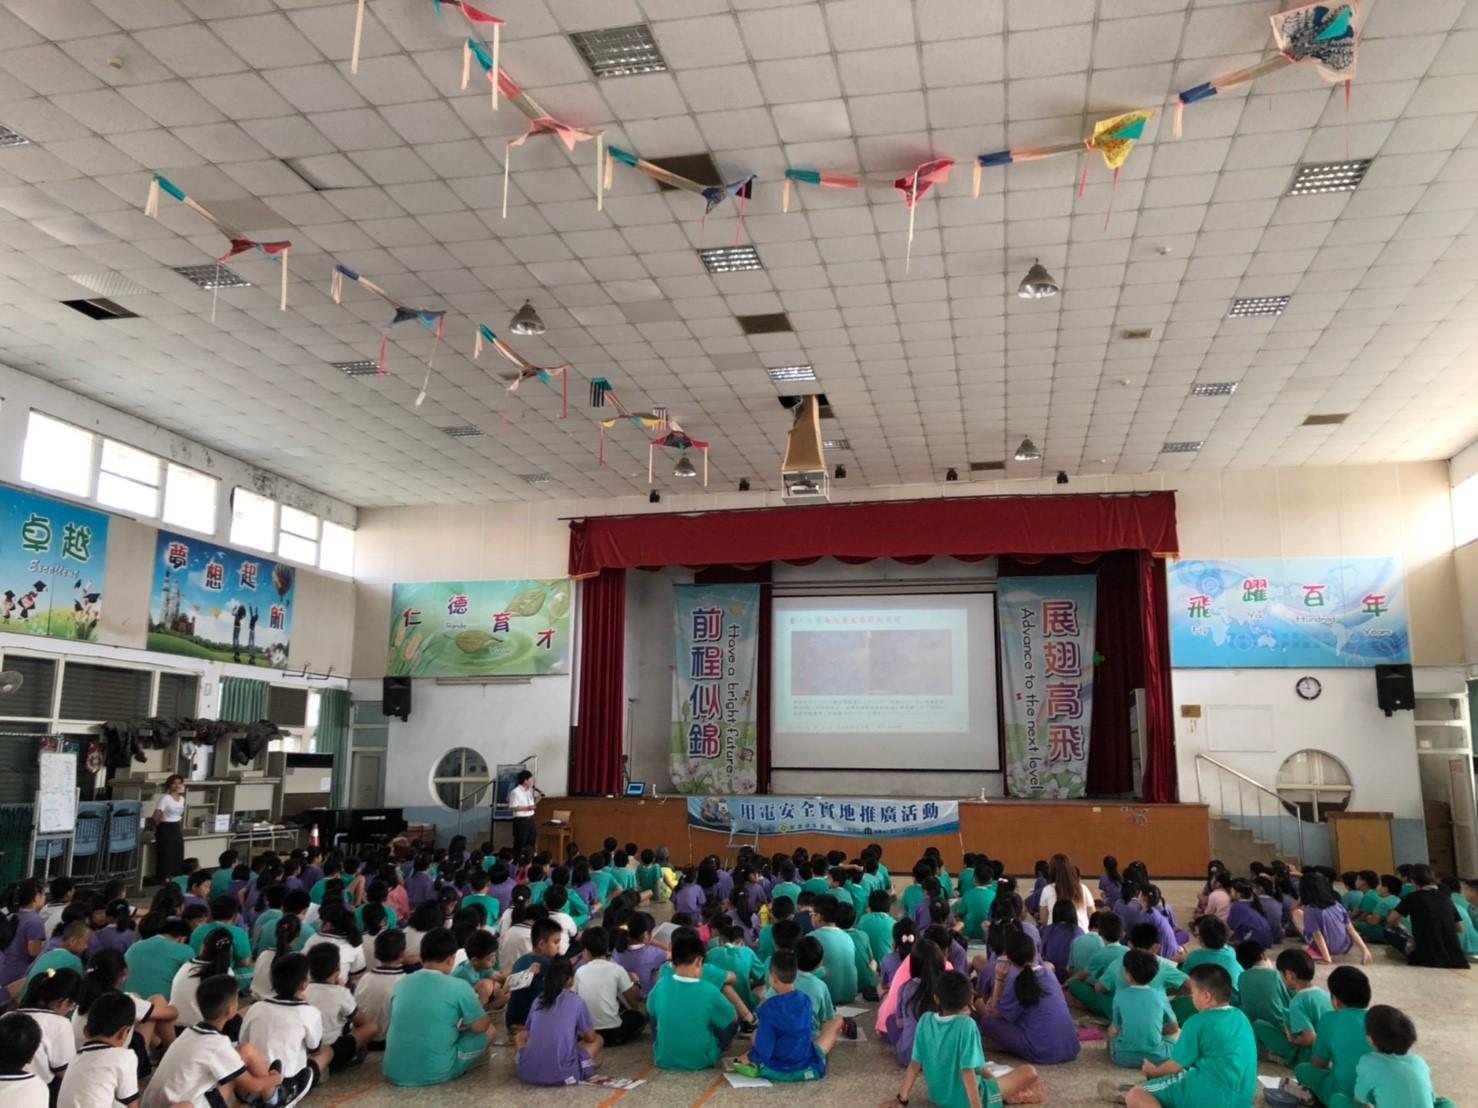 附加圖片,用電安全實地推廣活動-新竹市